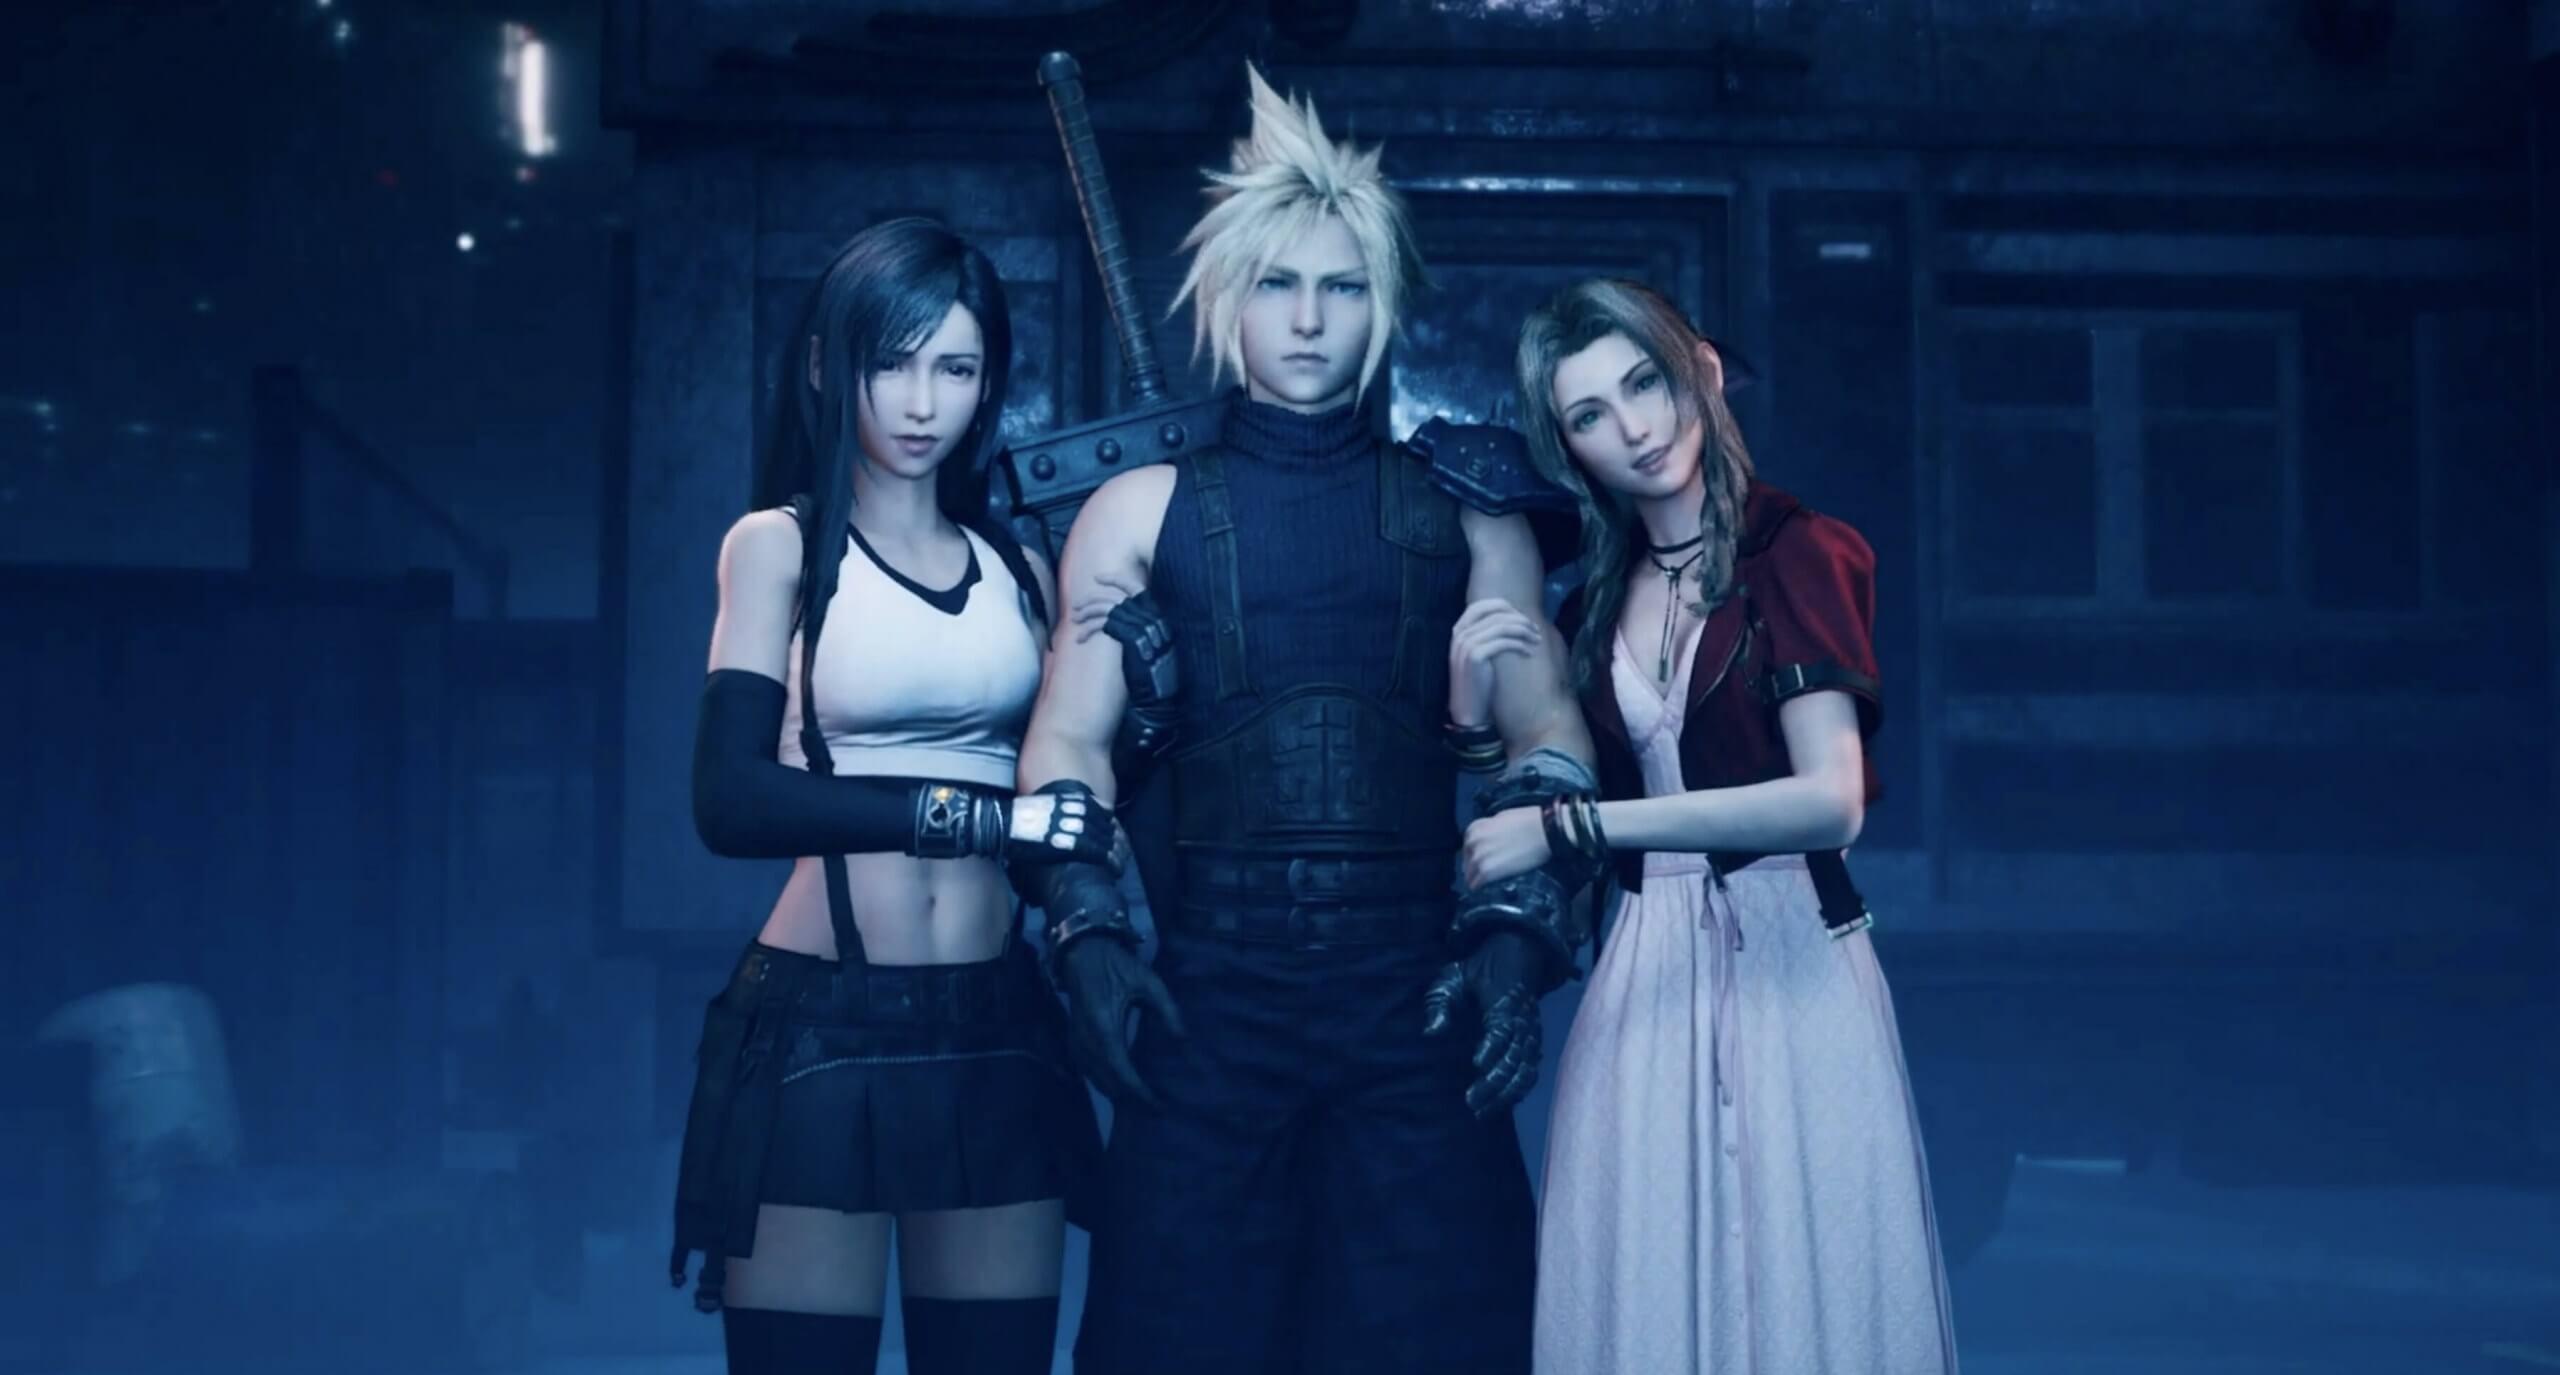 Разработчики Final Fantasy 7 Remake изложили свои планы относительно мира за пределами Мидгара для сиквела